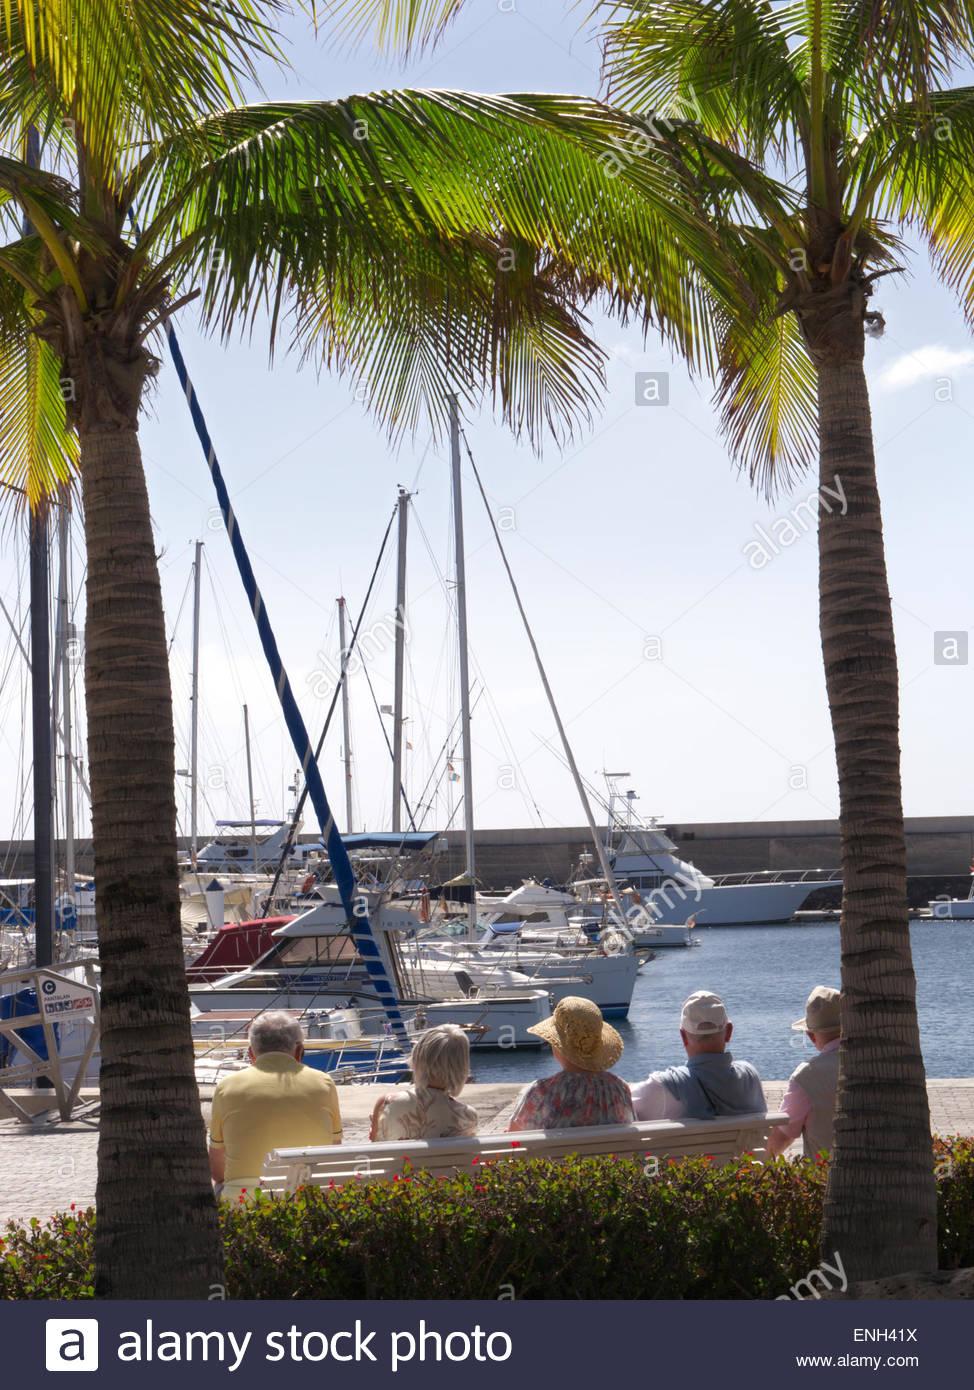 PUERTO CALERO gruppo di anziani pensionato vacanzieri seduti a prendere il sole sulla panchina godendo della vista Foto Stock